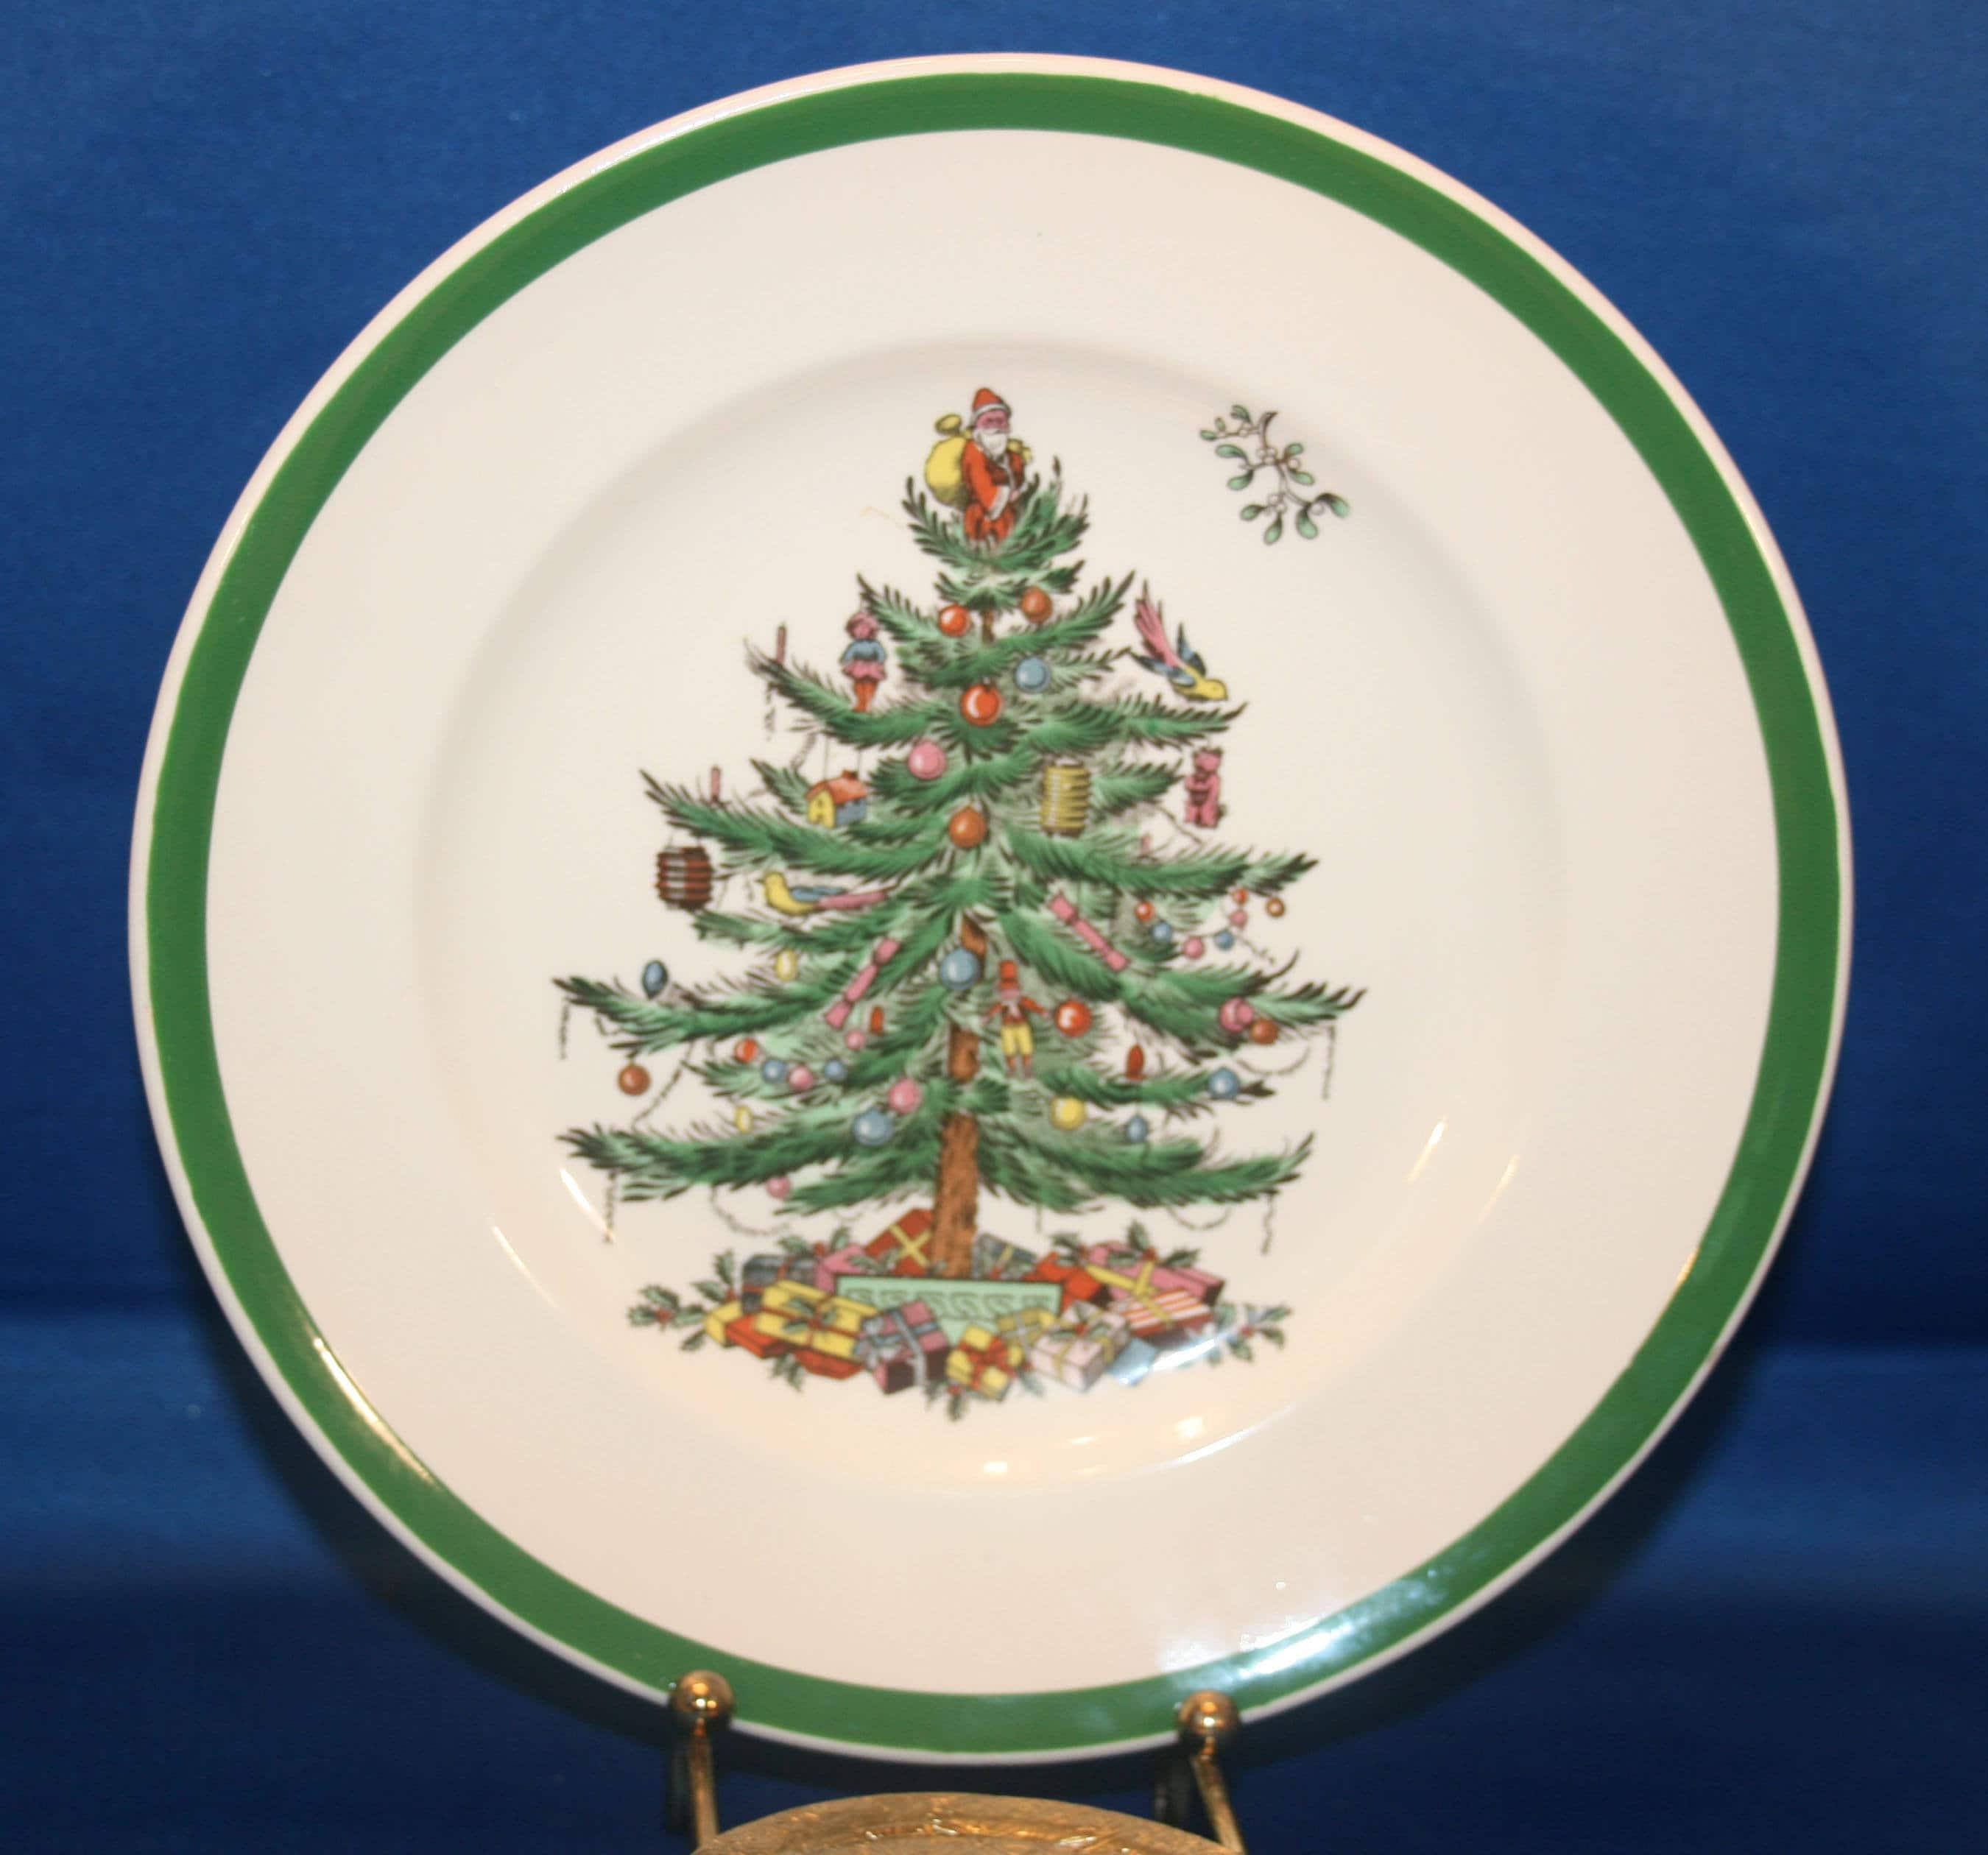 Spode Christmas Tree History: Vintage Spode Christmas Tree Holiday Salad Plate S3324